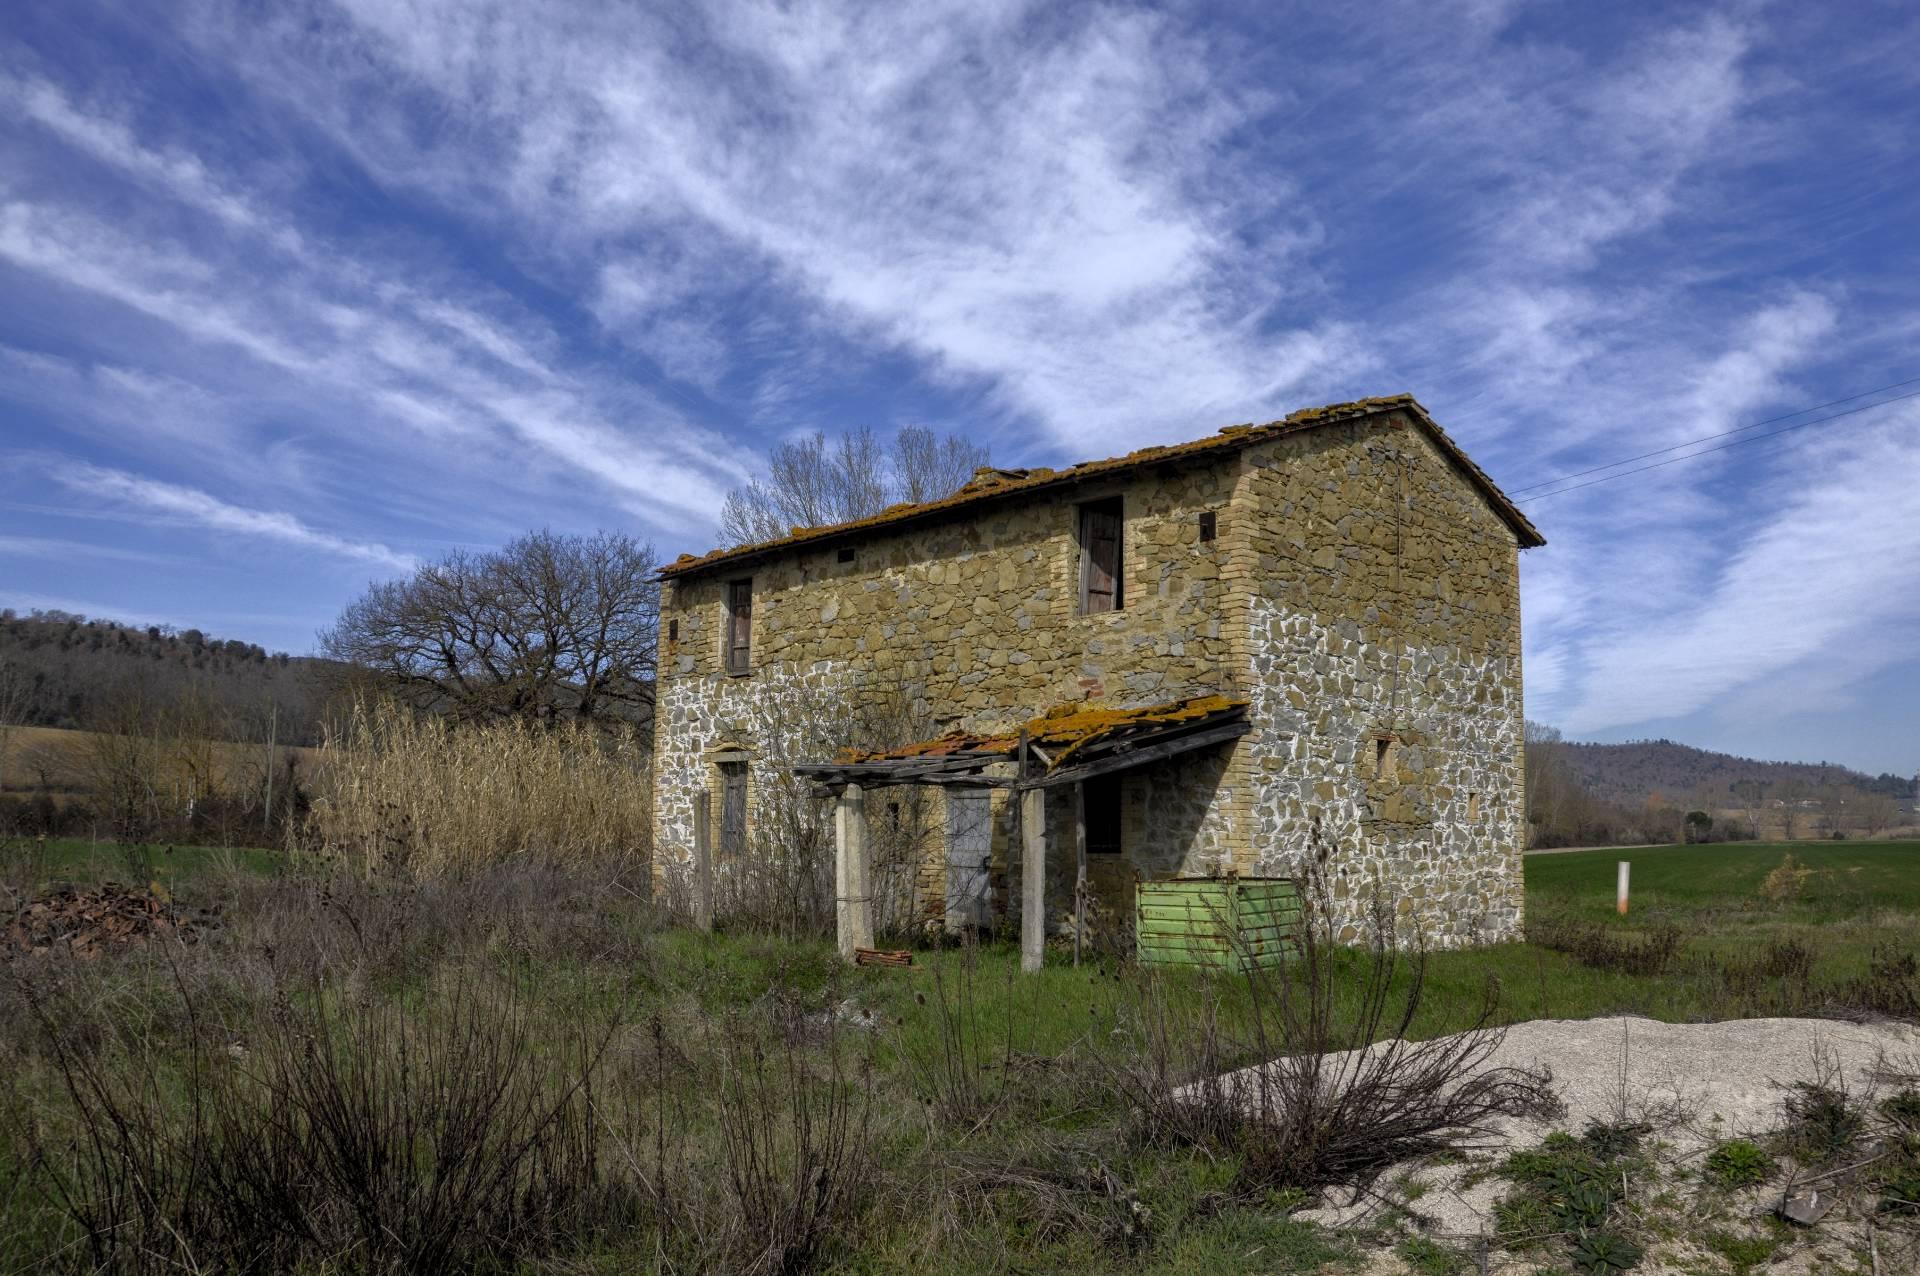 Rustico / Casale in vendita a Perugia, 6 locali, zona Zona: Mugnano, prezzo € 80.000   CambioCasa.it